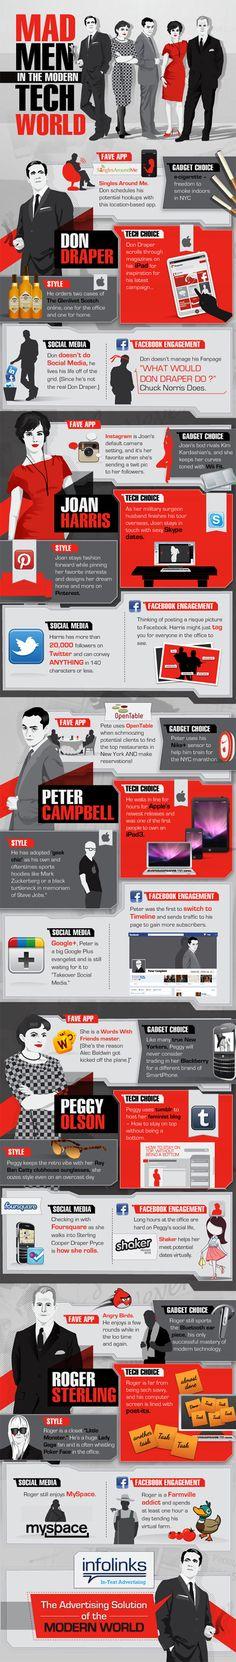 ¿Cómo sería Mad Men si contara con las nuevas tecnologías de la actualidad? @PuroMarketing #infografia #publicidad